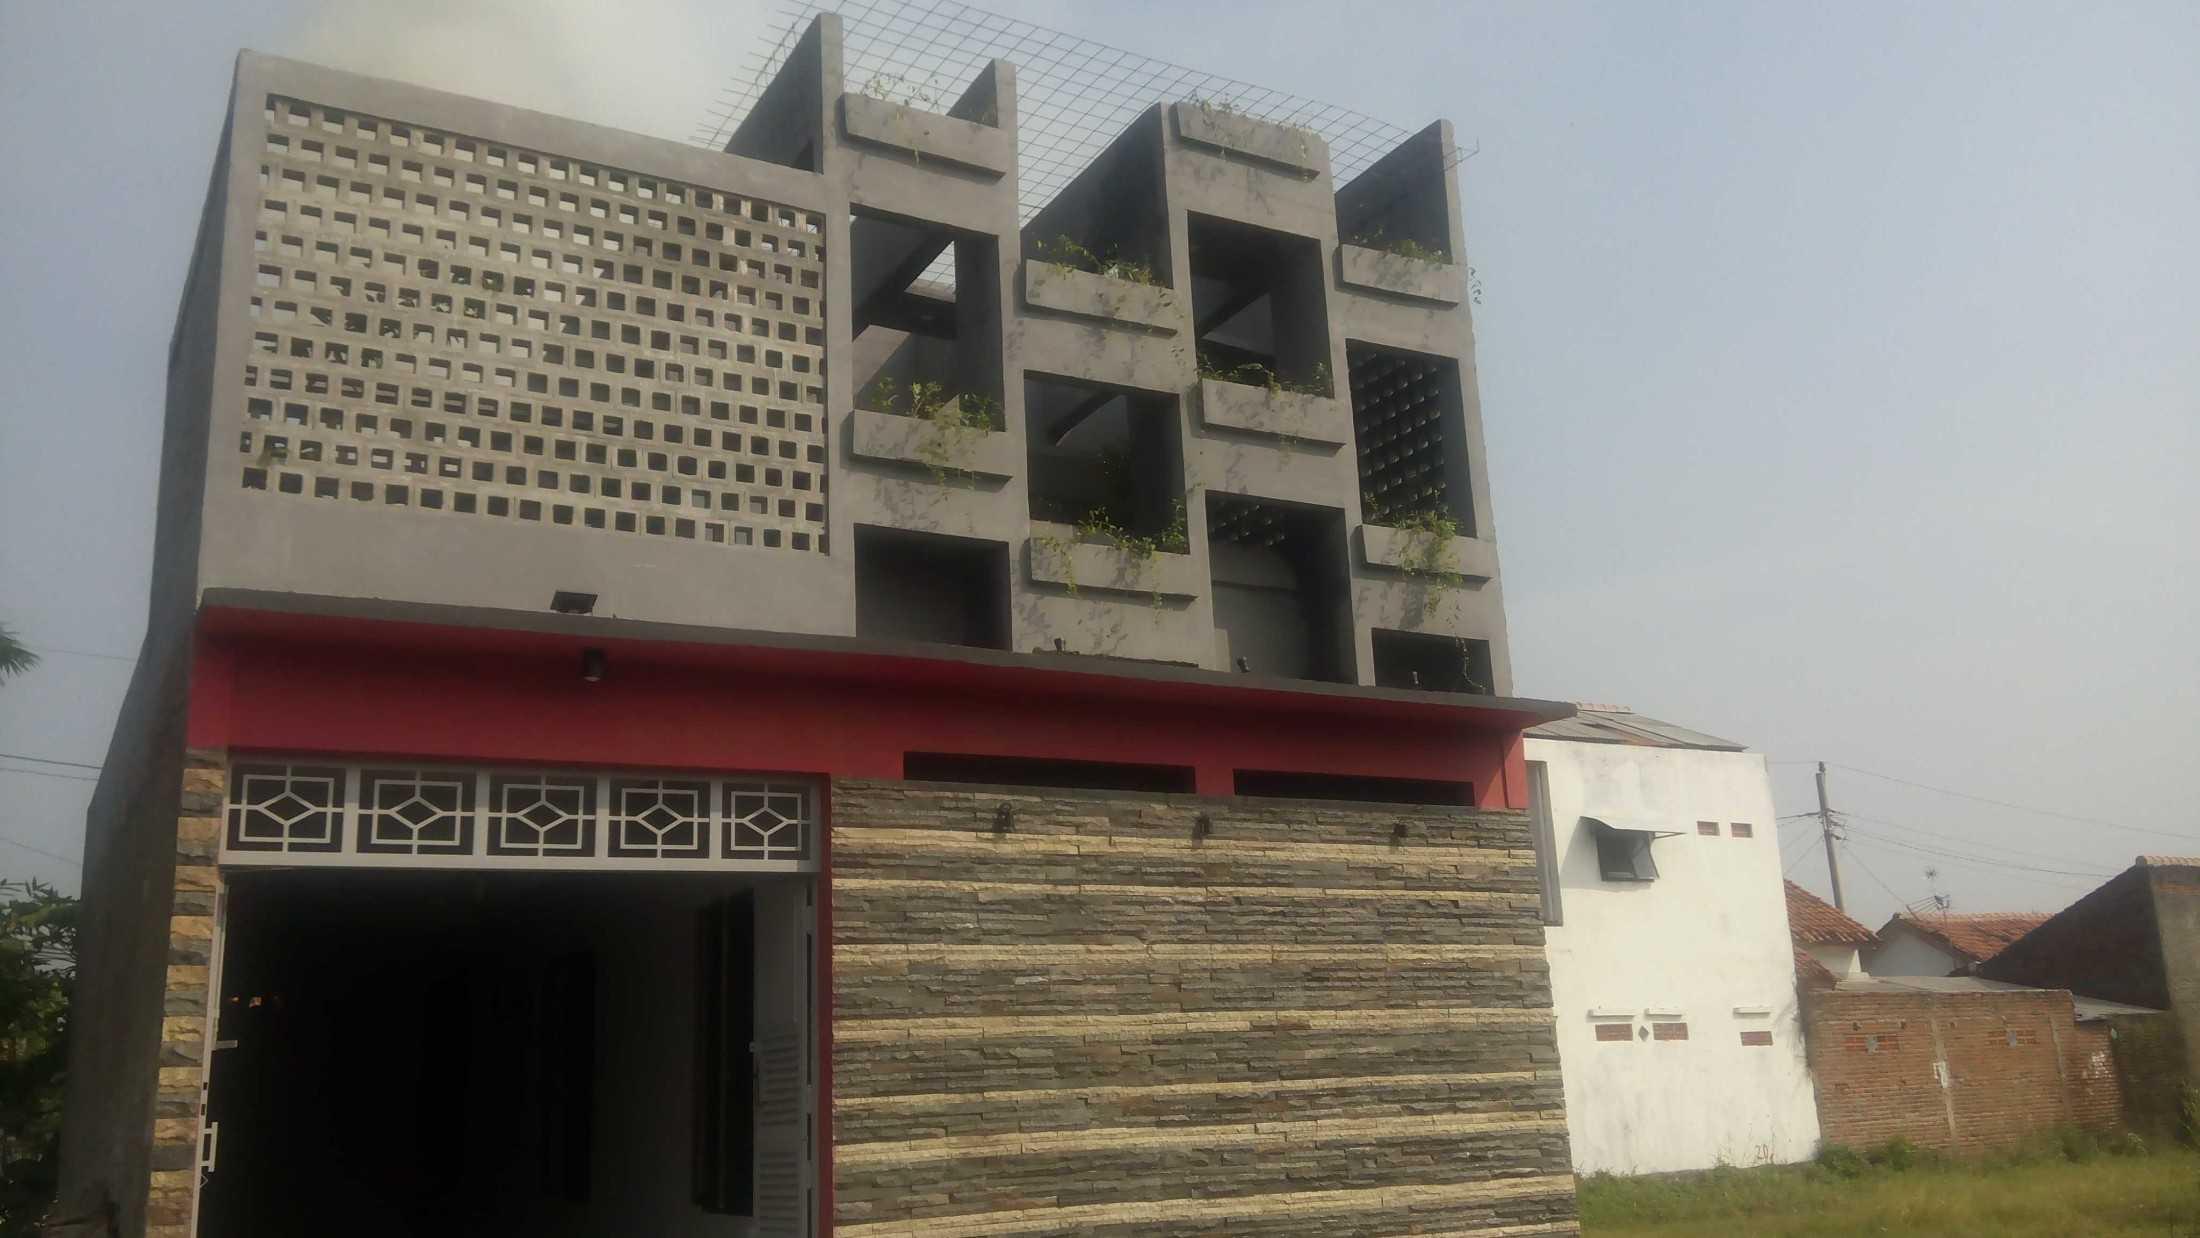 Astabumi Studio Omah Taman Singgah Tegal Tegal, Kota Tegal, Jawa Tengah, Indonesia Tegal, Kota Tegal, Jawa Tengah, Indonesia Astabumi-Architect-Interior-Design-Omah-Taman-Singgah-Tegal  84037